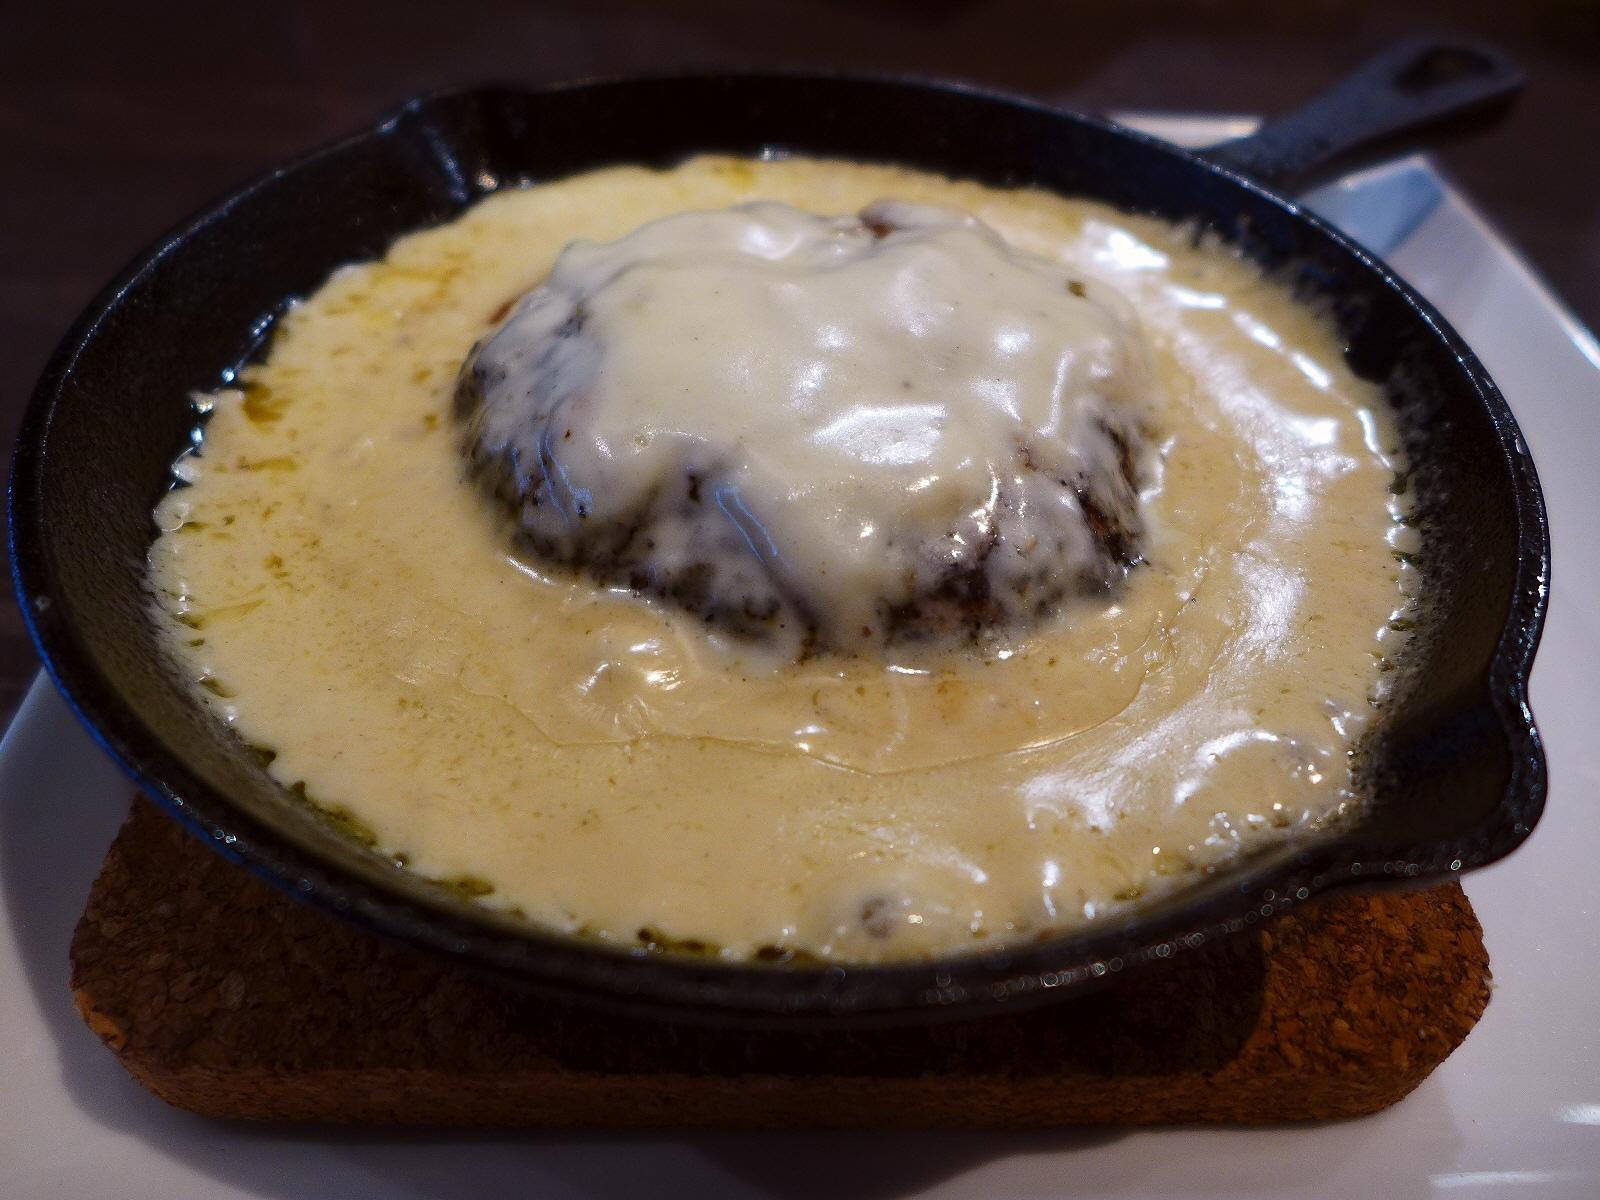 チーズ好きにはたまらないチーズ料理専門店の土日祝限定の超お値打ちランチ! 西区新町 「CheeZania bar(チーザニアバル)」